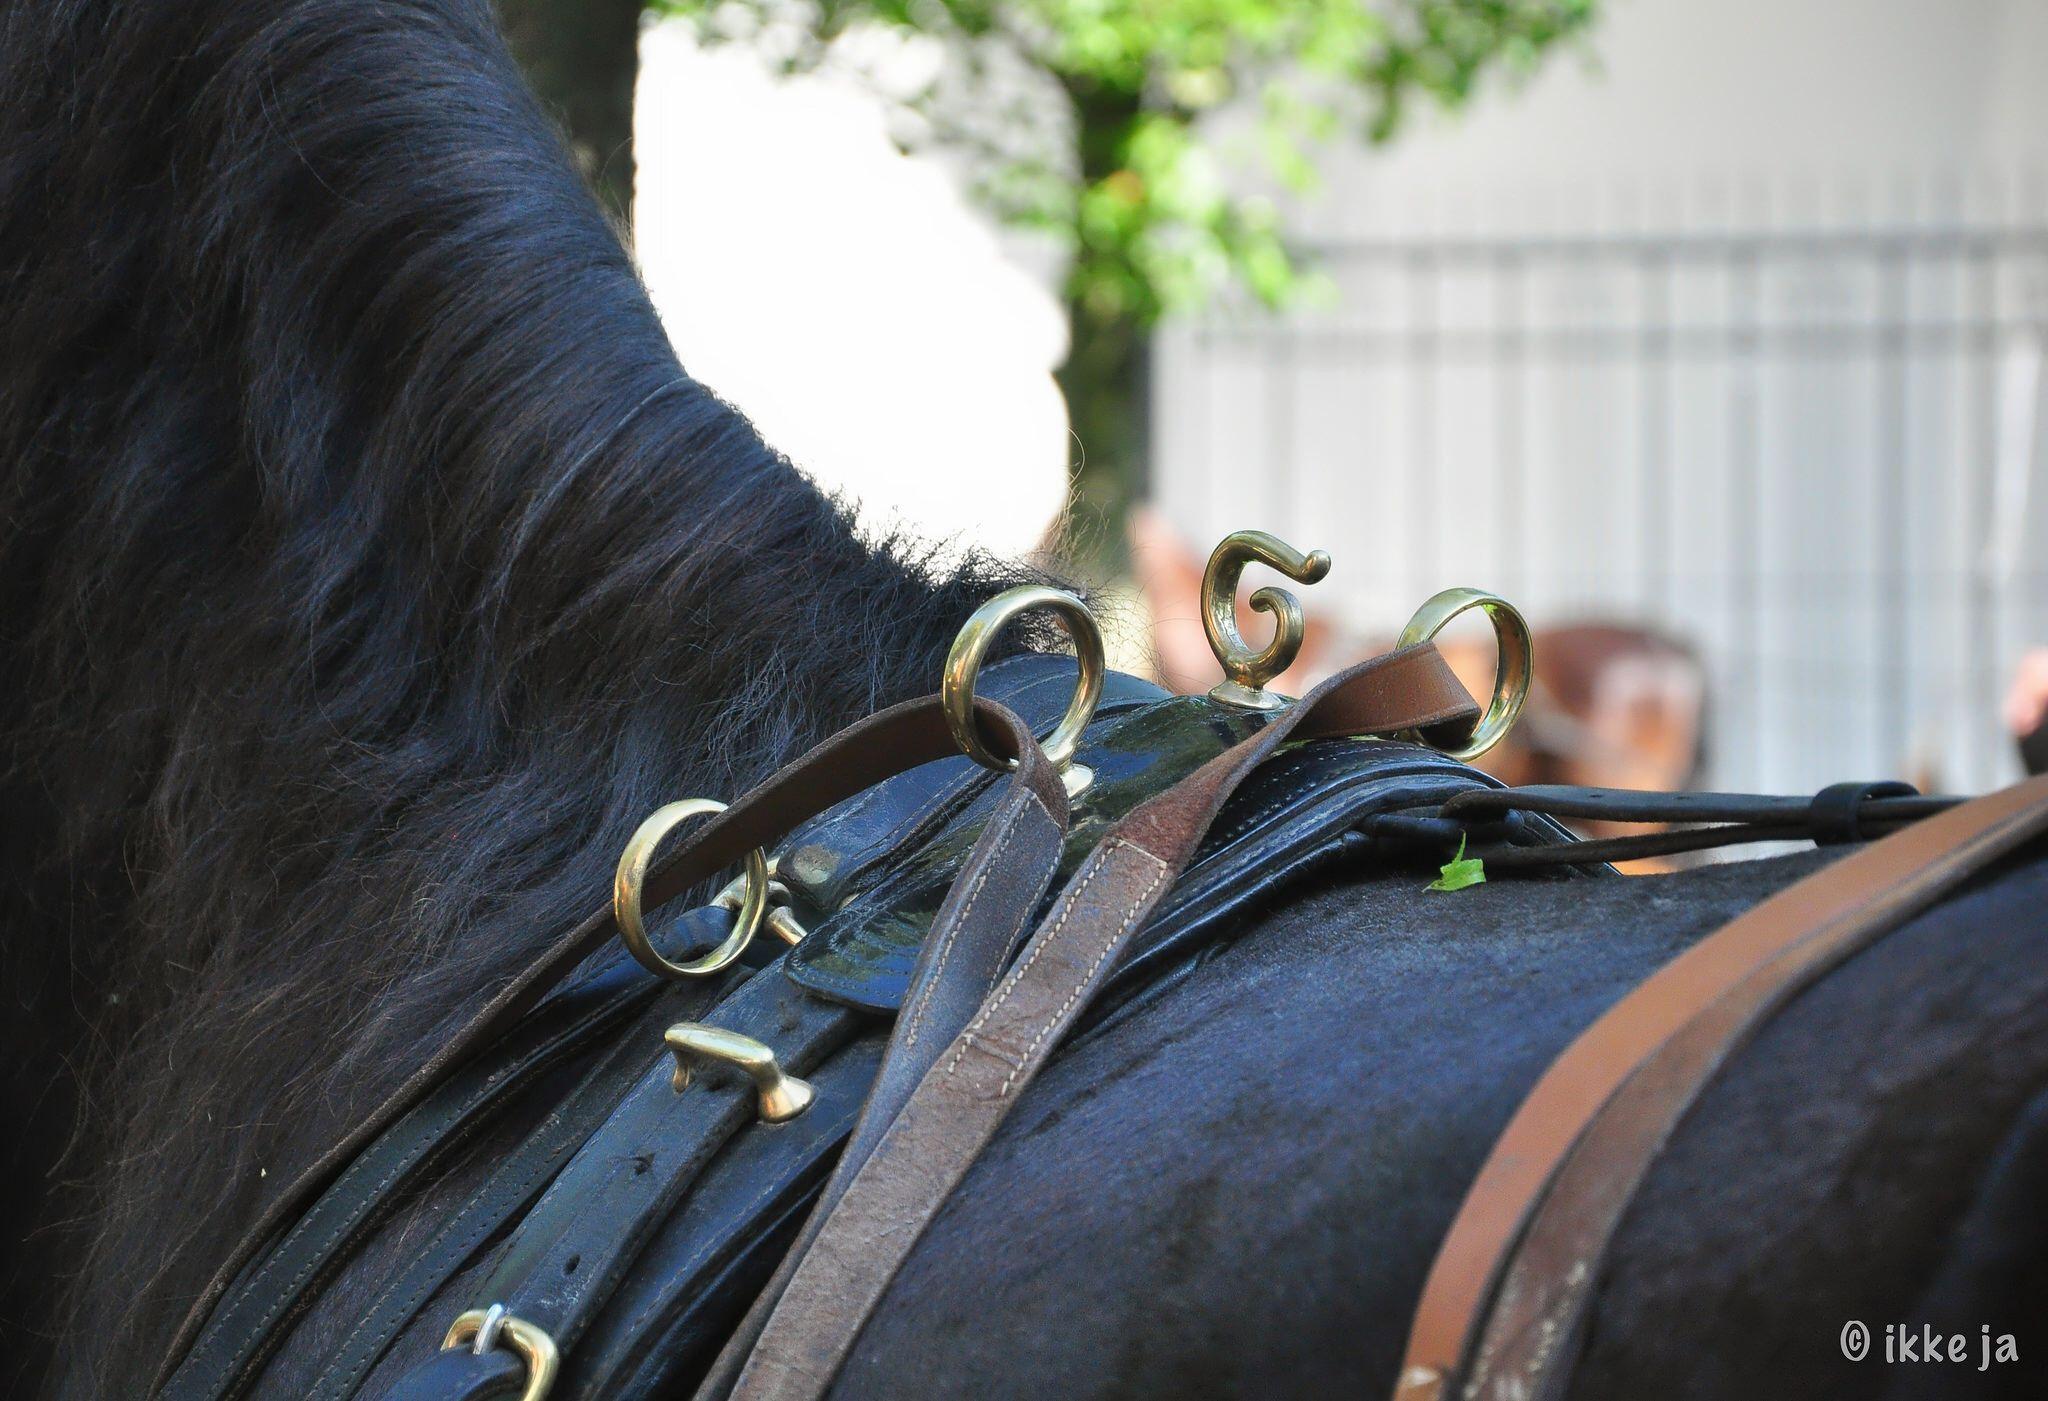 Paardenteugels